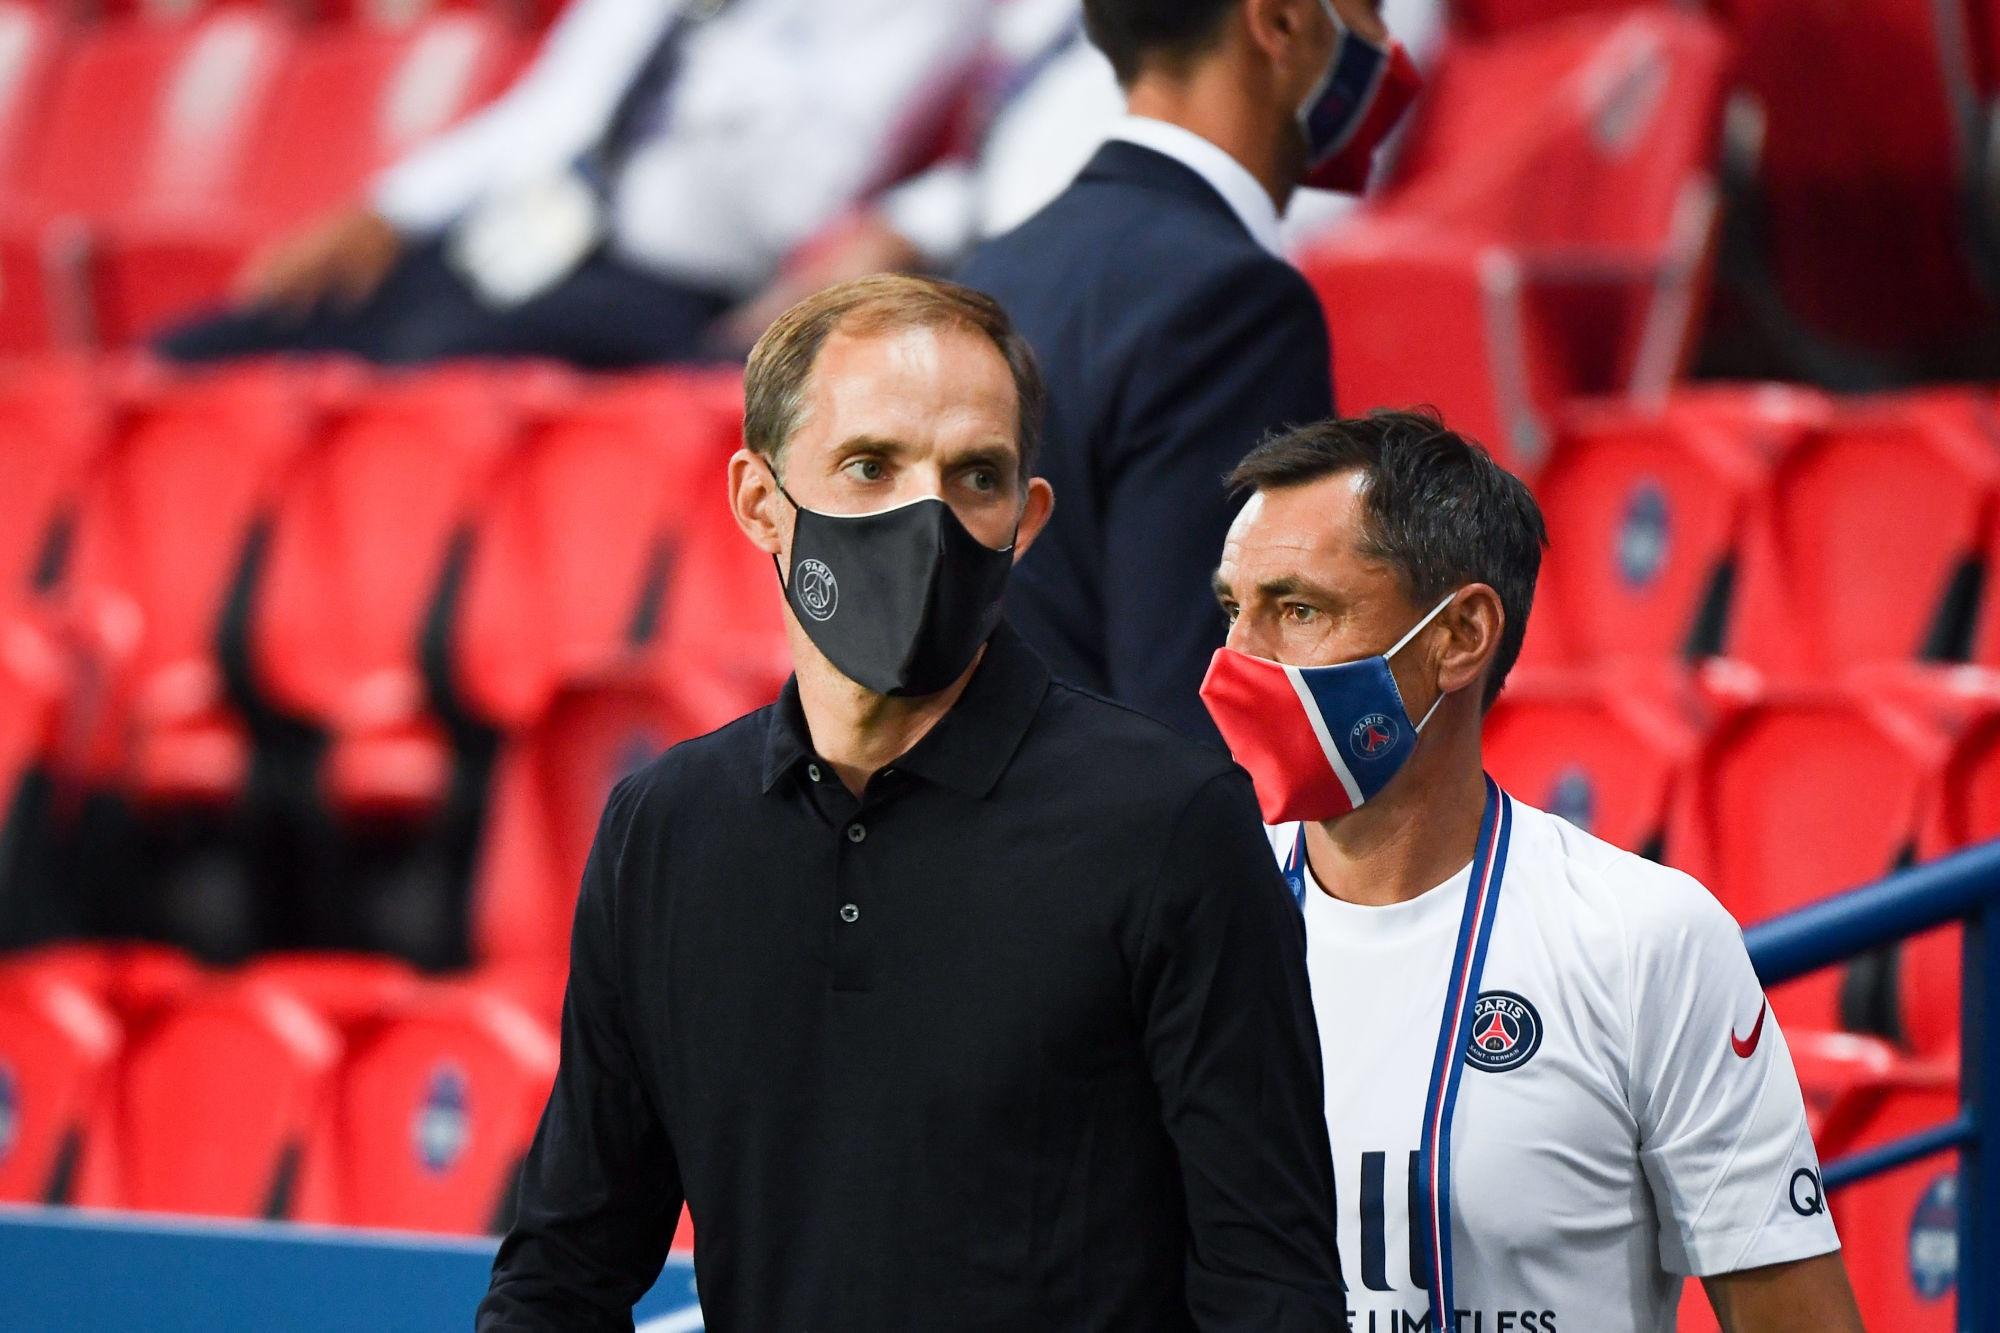 """PSG/Metz - Tuchel est très satisfait """"C'est une victoire méritée après un match fou."""""""